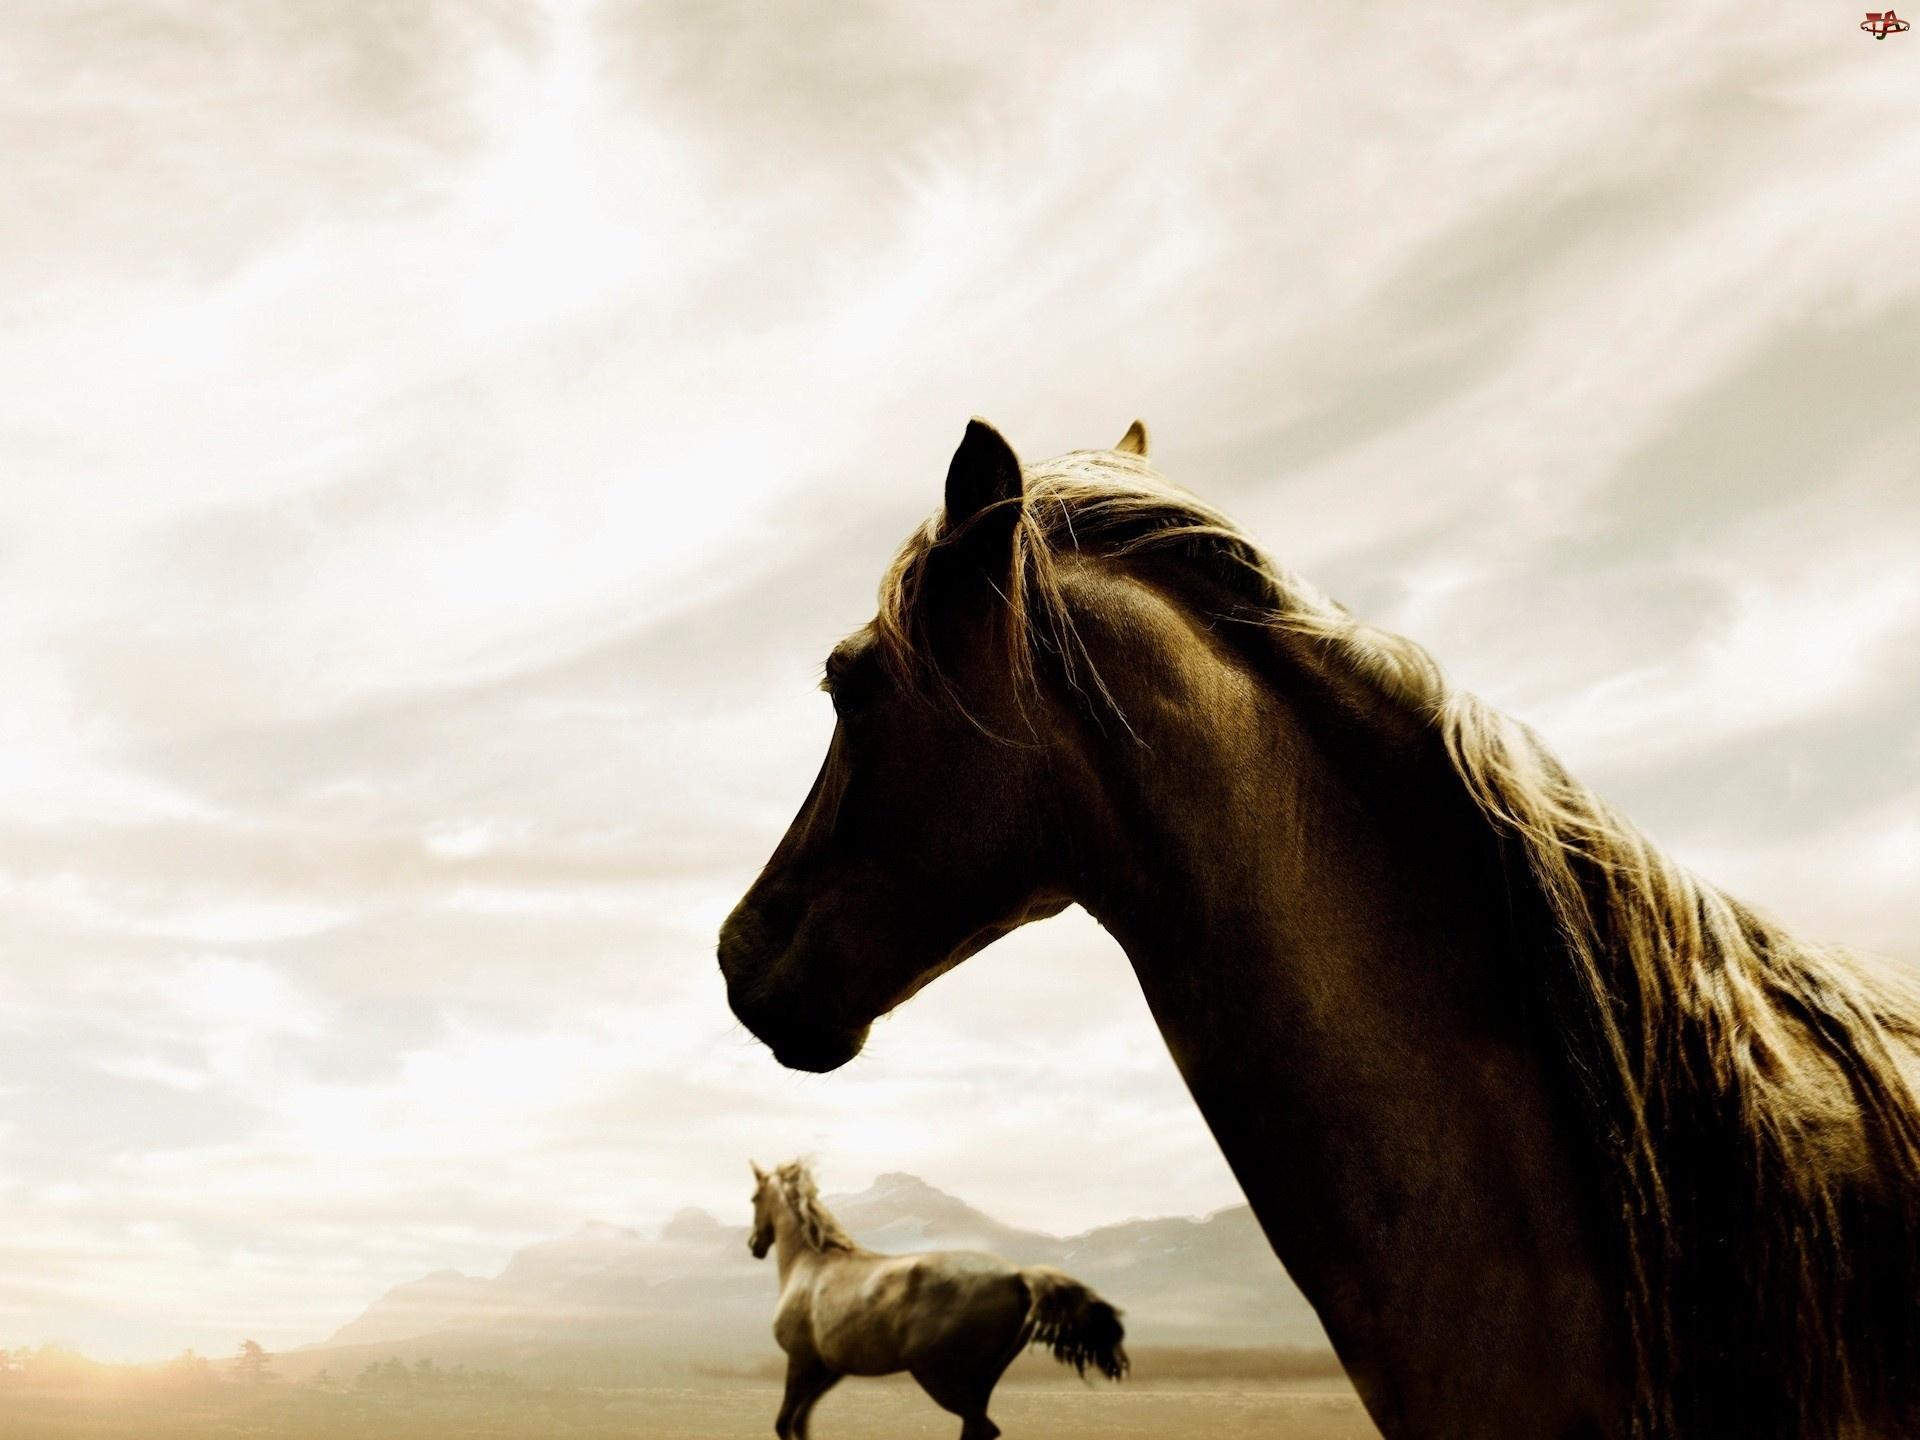 Gniade, Niebo, Konie, Białe